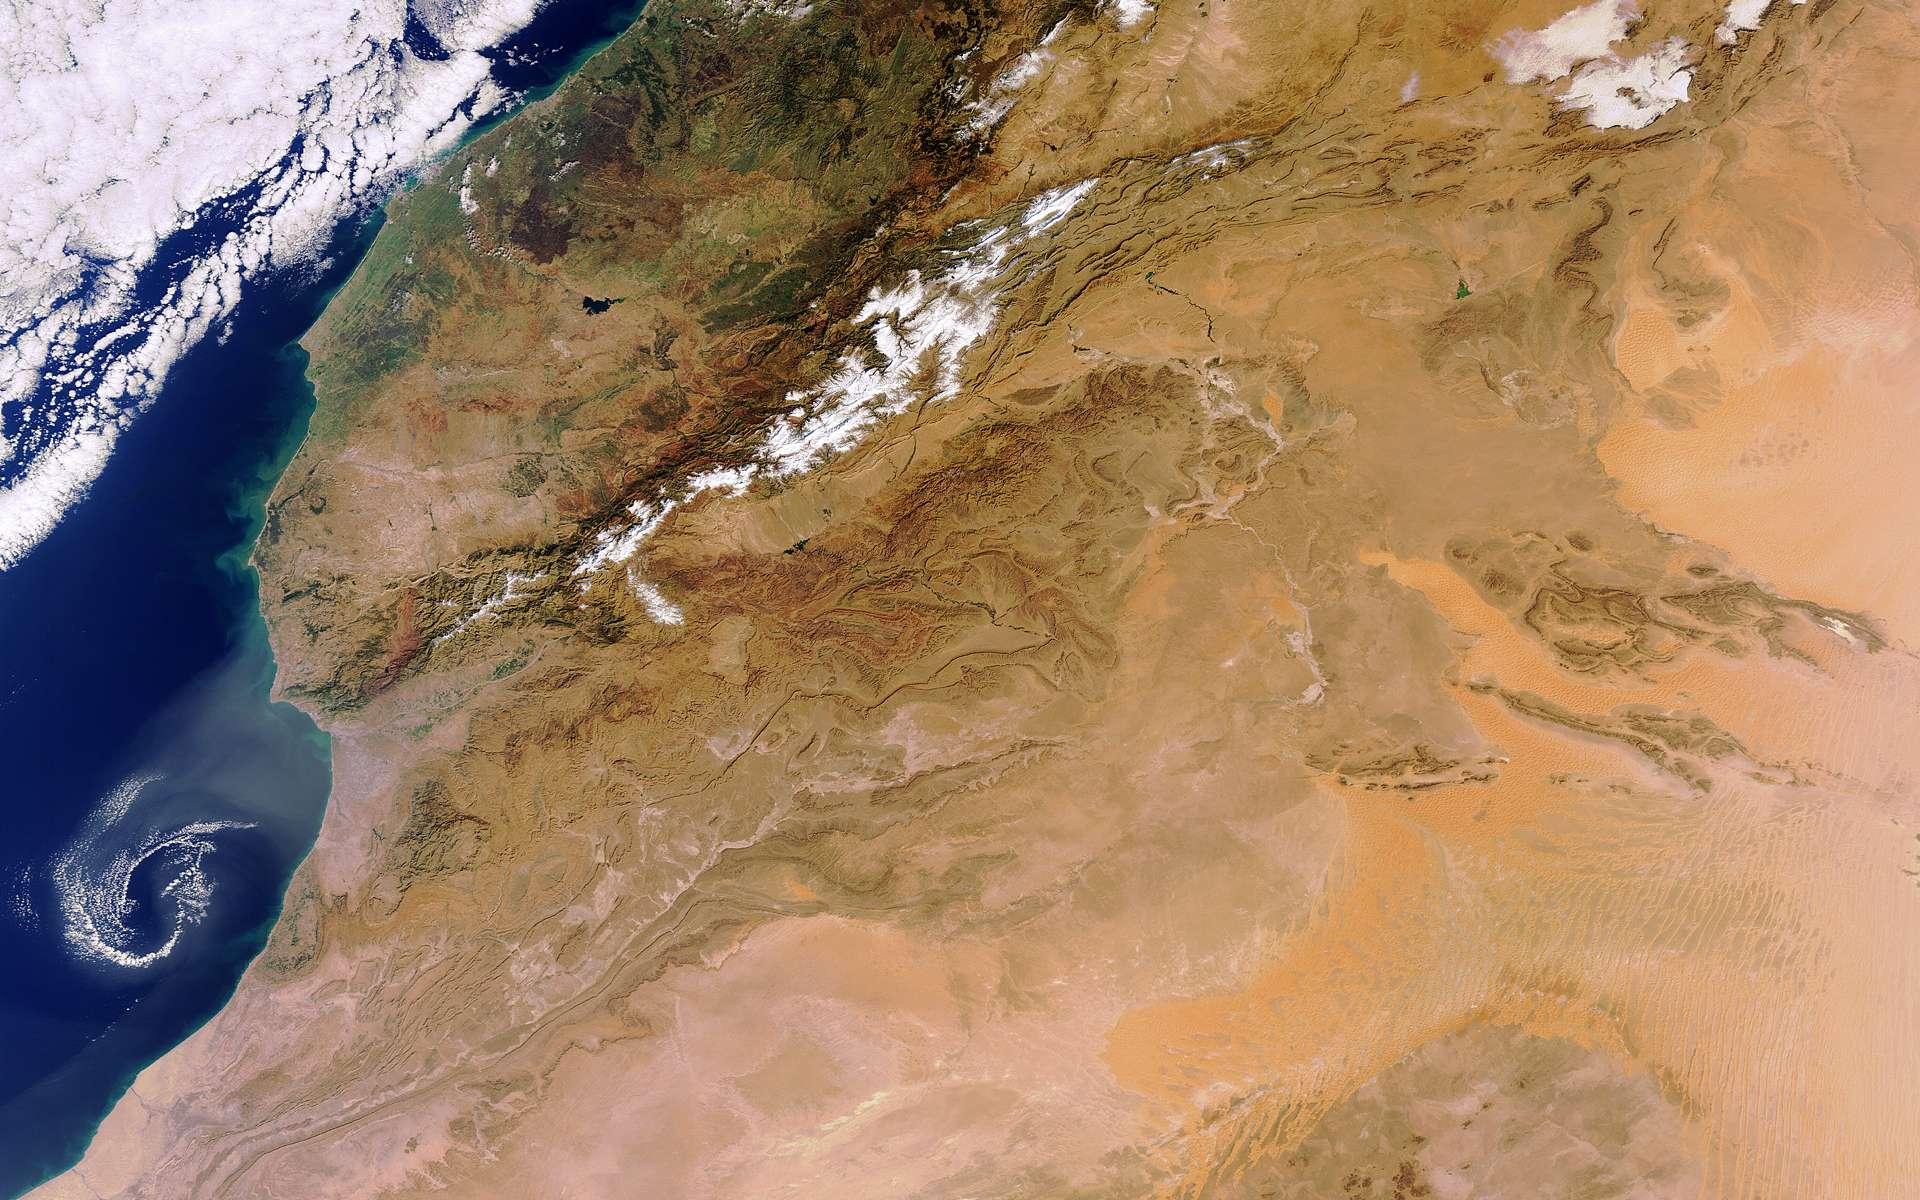 Cette image d'une partie de l'Afrique, centrée sur le Sahara, a été prise le 5 décembre 2011 par la caméra Meris du satellite Envisat. © Esa